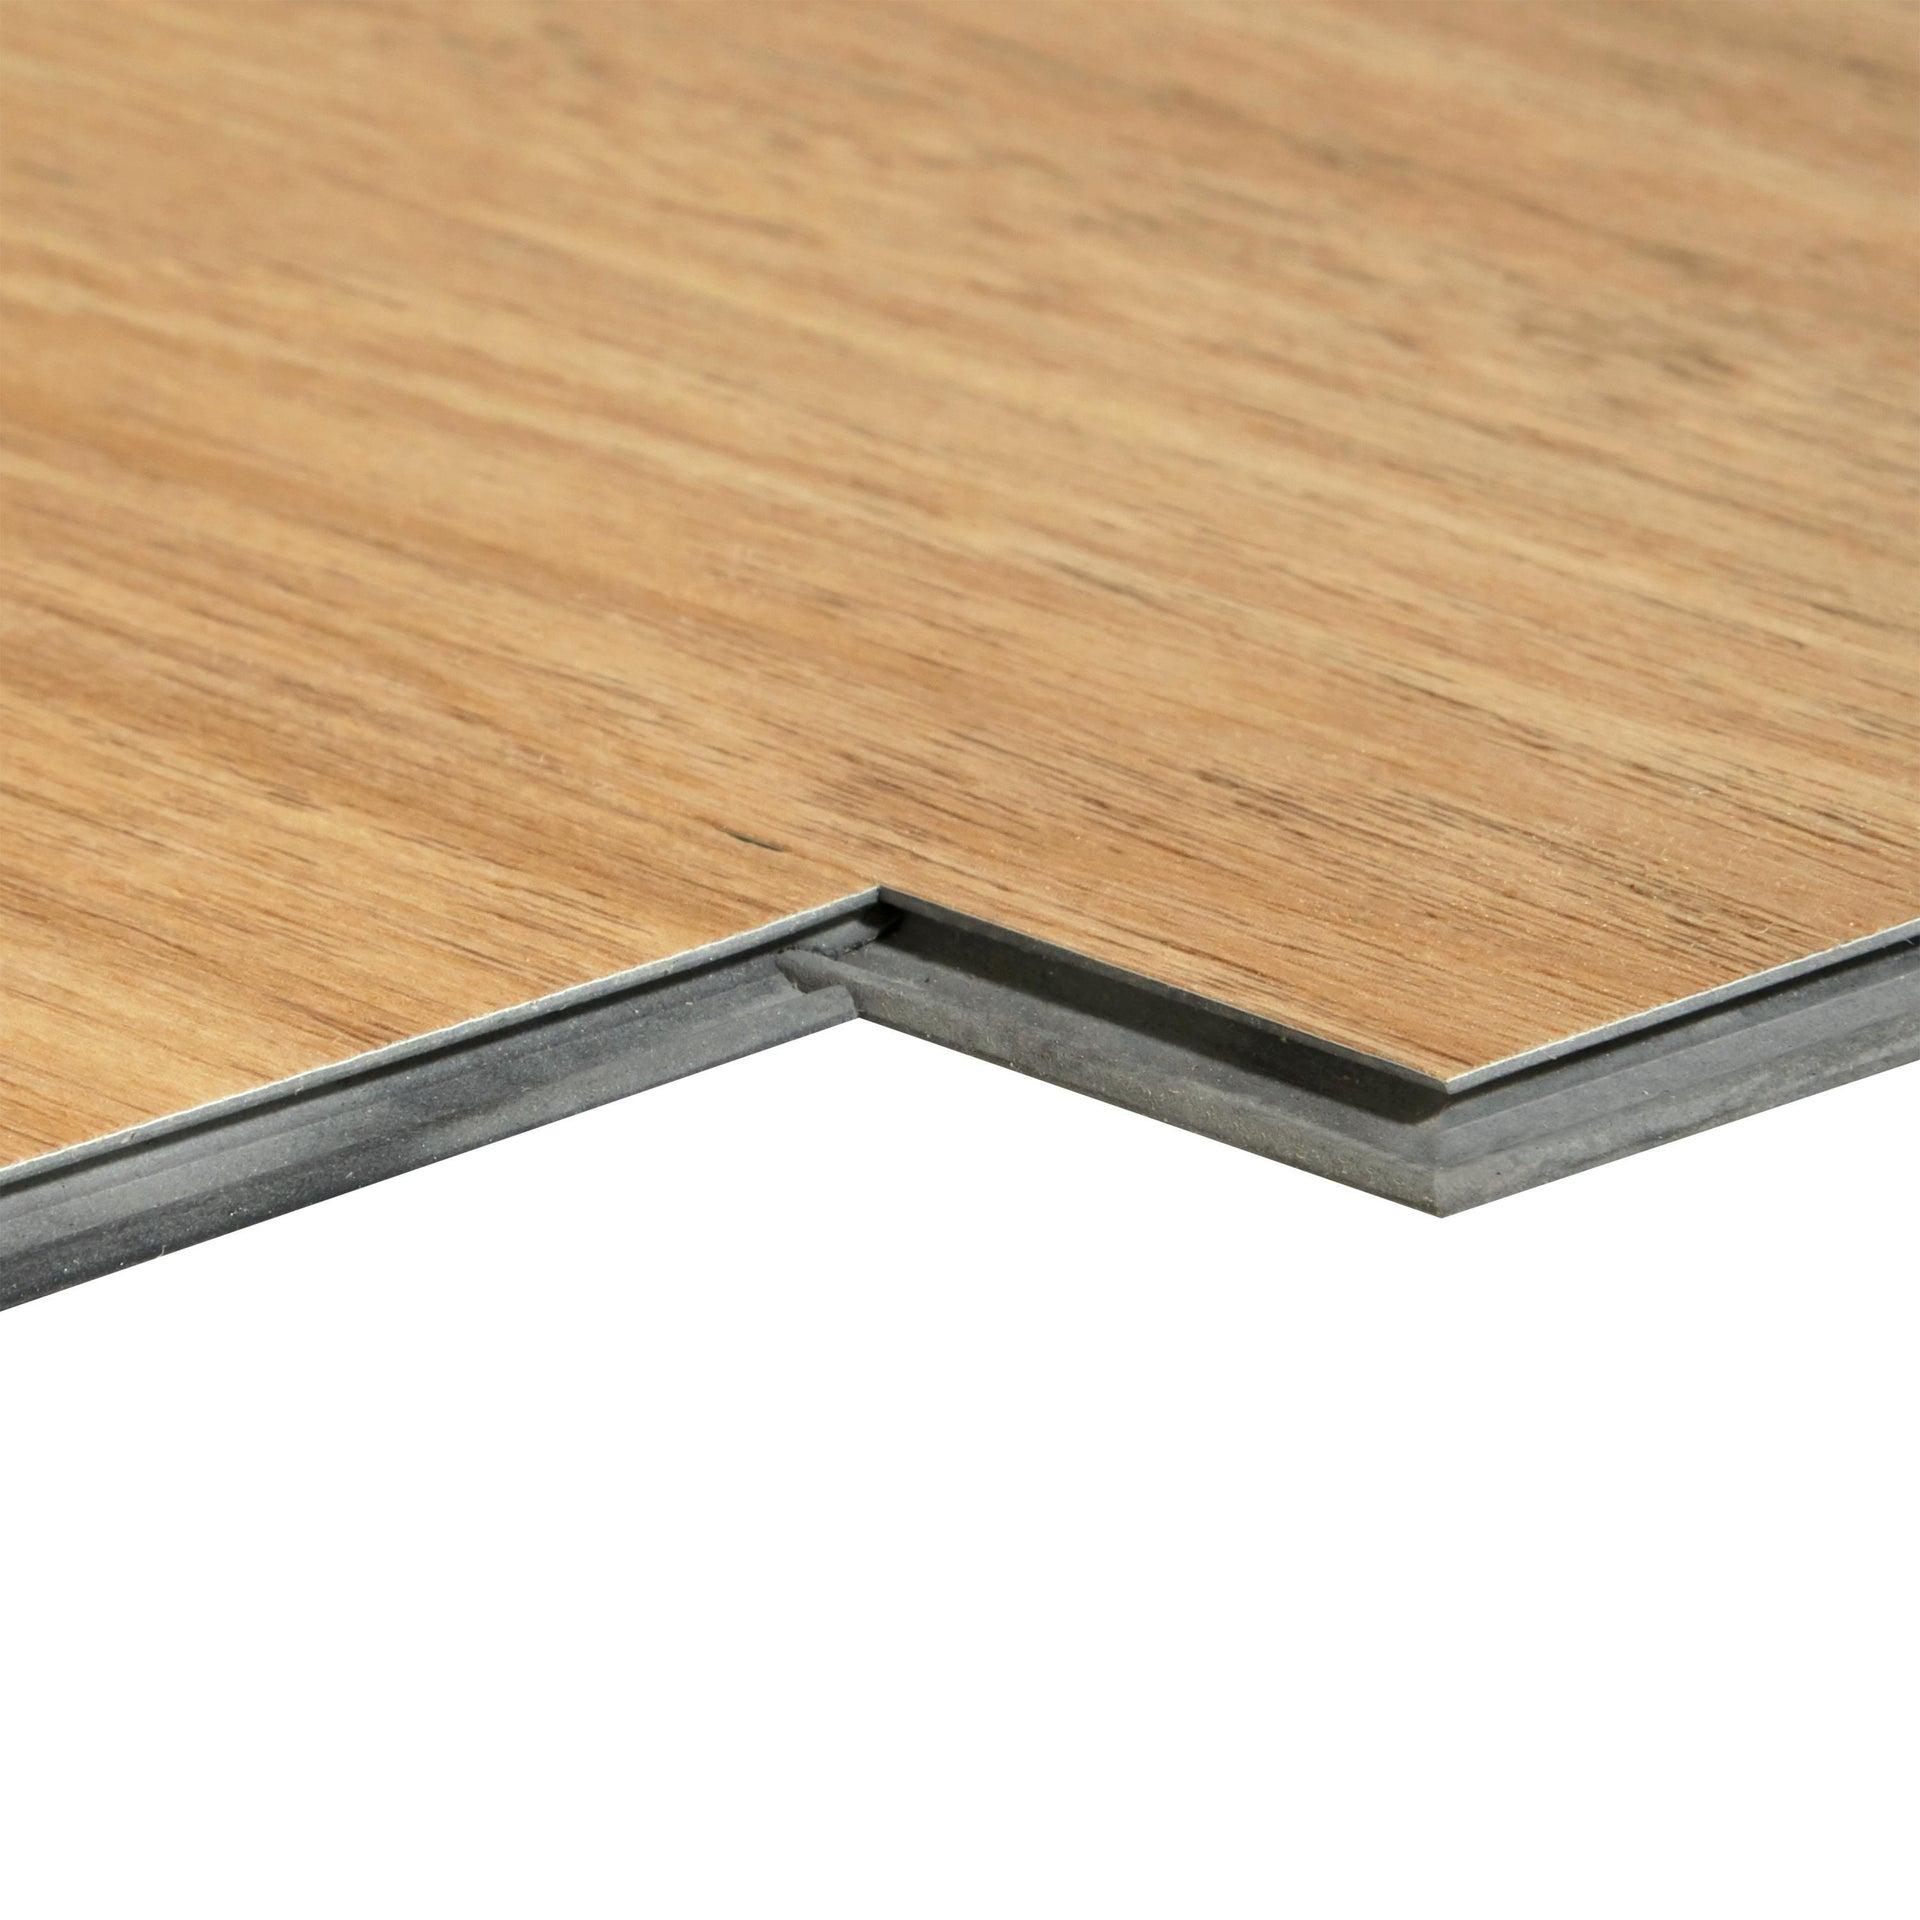 Pavimento PVC flottante clic+ Minto Sp 4 mm marrone - 3